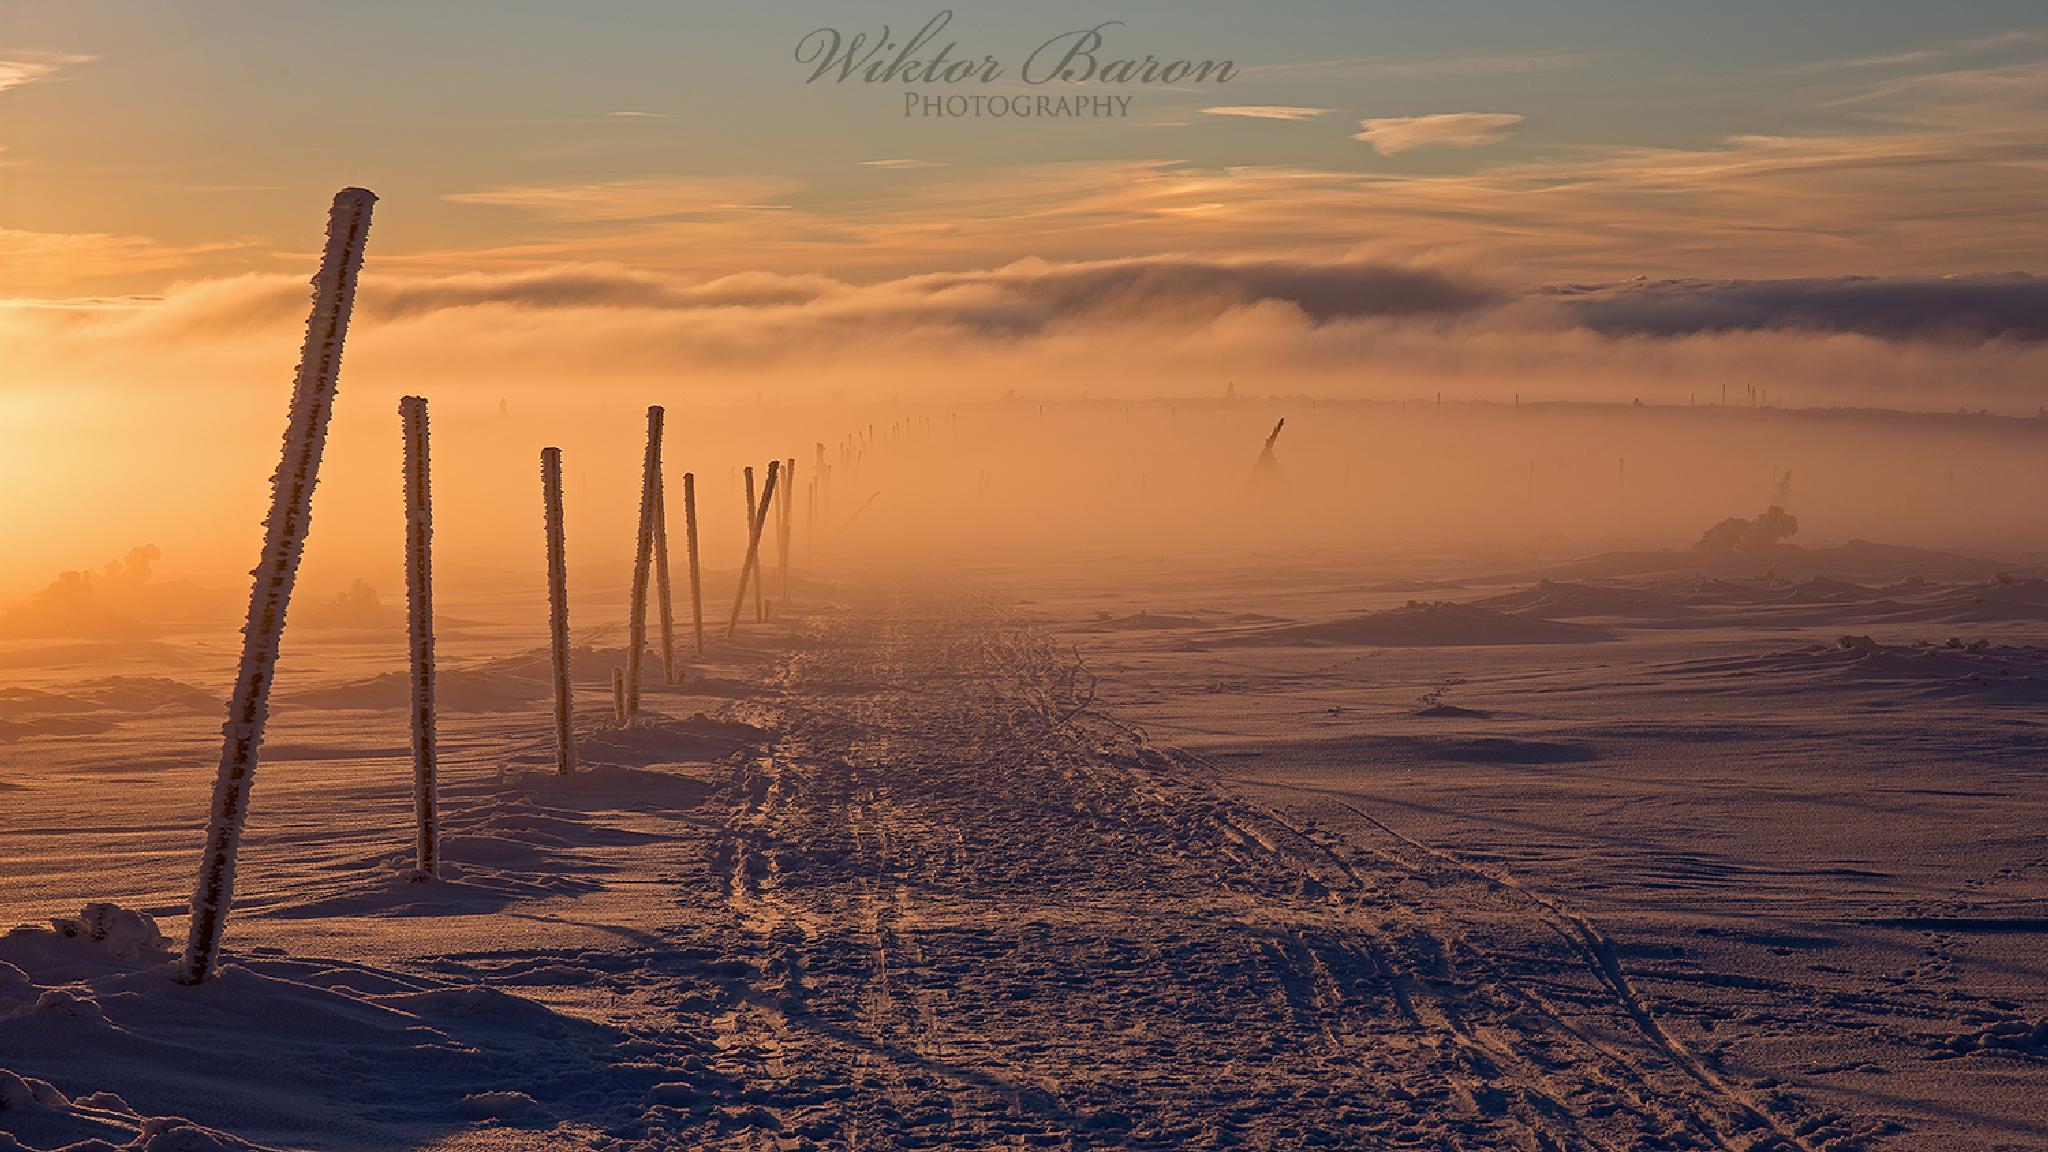 W drodze przez Karkonosze by Wiktor Baron